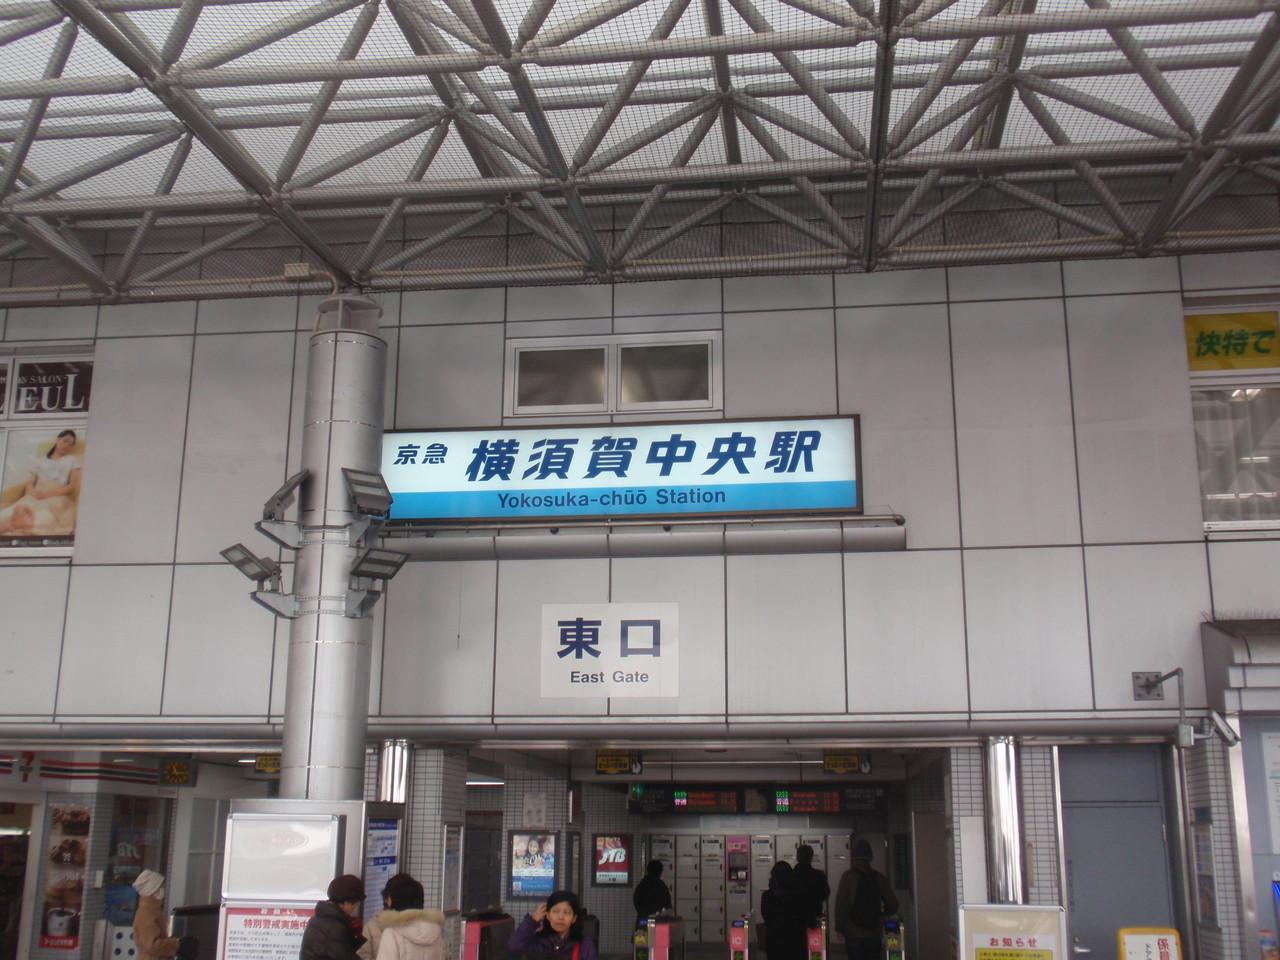 横須賀中央駅周辺。。。。2016年...